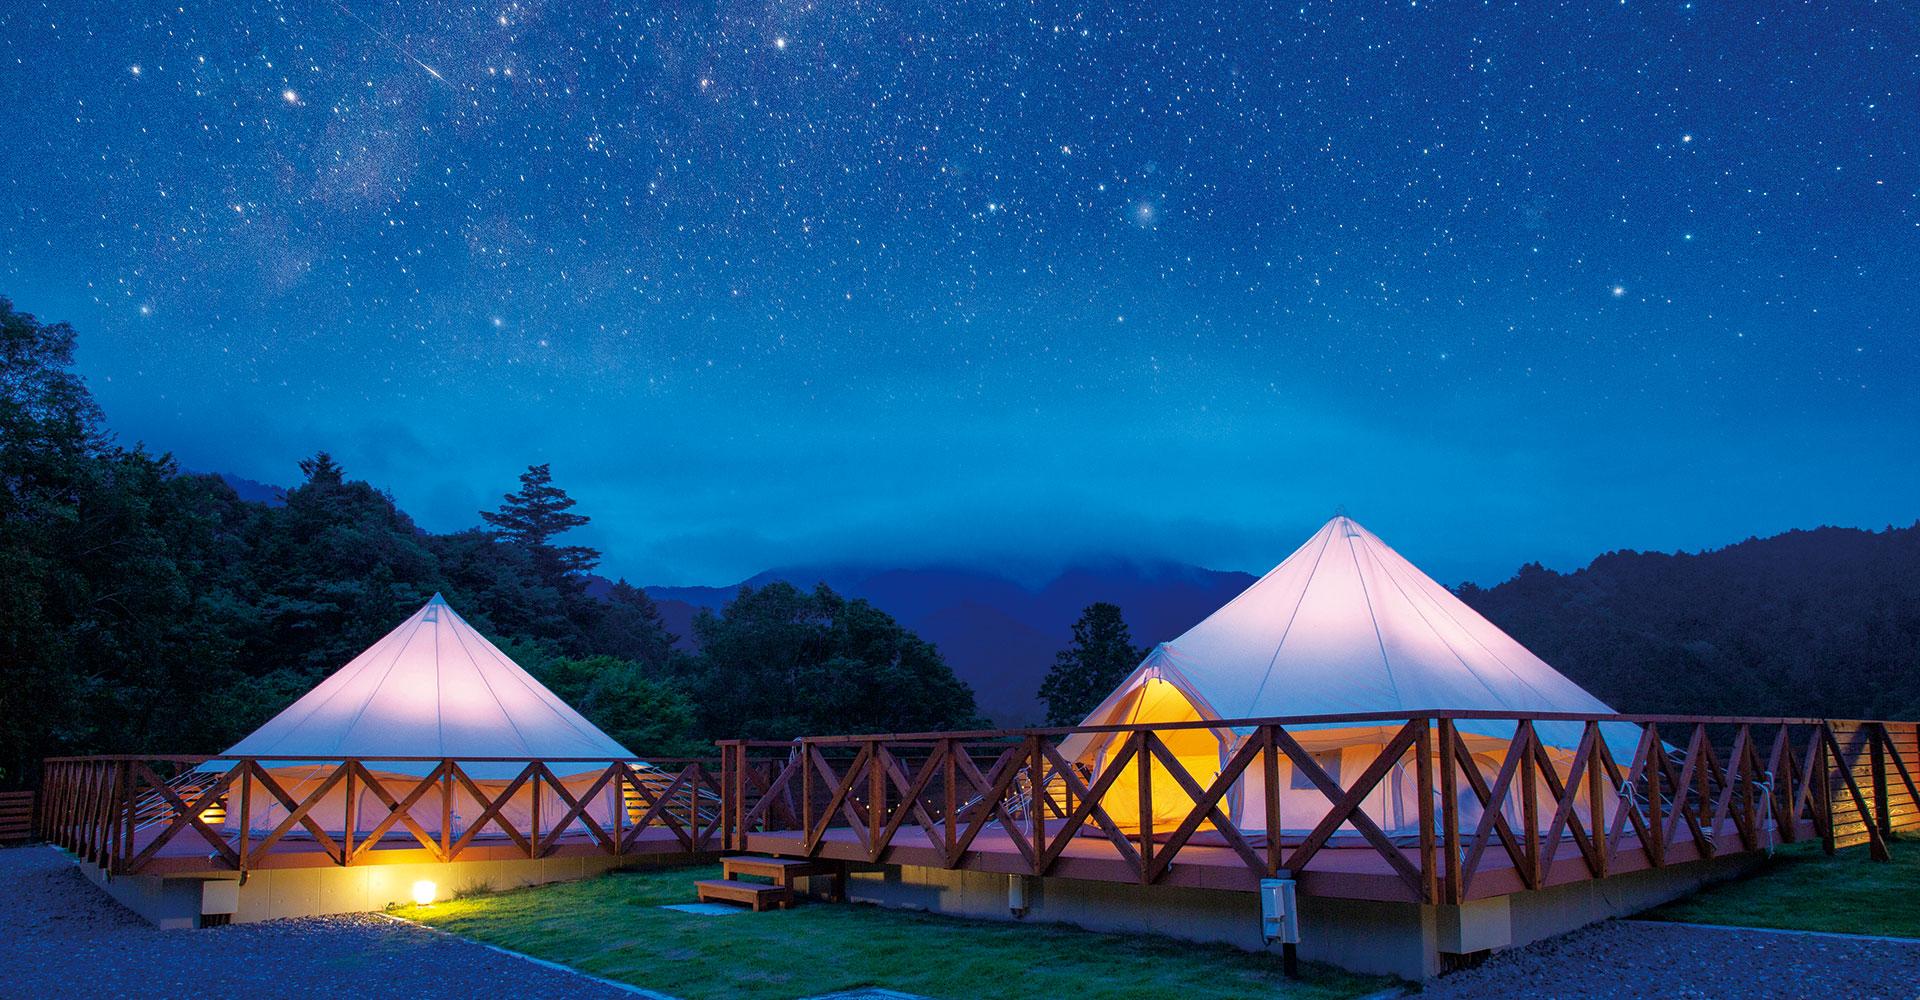 四万十の瞬く星空の下で大自然を満喫!『スカイヒルグランピング』イメージ